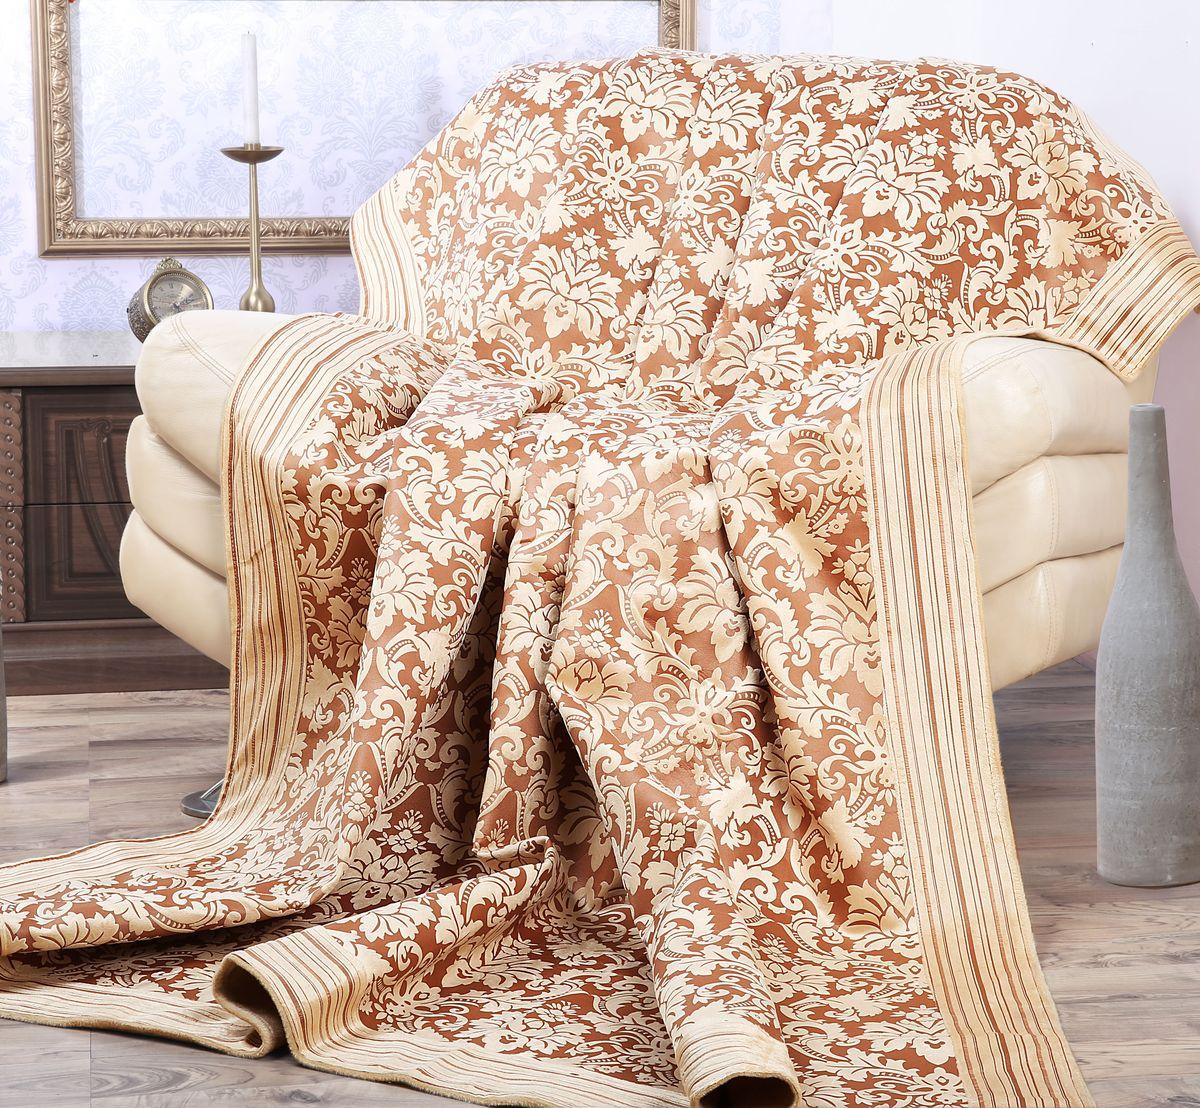 Покрывало Mona Liza Elite Vintage, цвет: бежевый, коричневый, 180 см х 220 см10114Роскошное покрывало Mona Liza Elite Vintage из высококачественного полиэстера гармонично впишется в интерьер вашего дома и создаст атмосферу уюта и комфорта. Такое покрывало согреет в прохладную погоду и будет превосходно дополнять интерьер вашей спальни. Высочайшее качество материала гарантирует безопасность не только взрослых, но и самых маленьких членов семьи. Небольшой ворс придает покрывалу мягкость и оригинальность. Покрывало может подчеркнуть любой стиль интерьера, задать ему нужный тон - от игривого до ностальгического. Покрывало - это такой подарок, который будет всегда актуален, особенно для ваших родных и близких, ведь вы дарите им частичку своего тепла! Покрывала серии Mona Liza Elite выполнены из шенилловой ткани деворе - при выжигании части волокон образуется характерный рельефный рисунок.